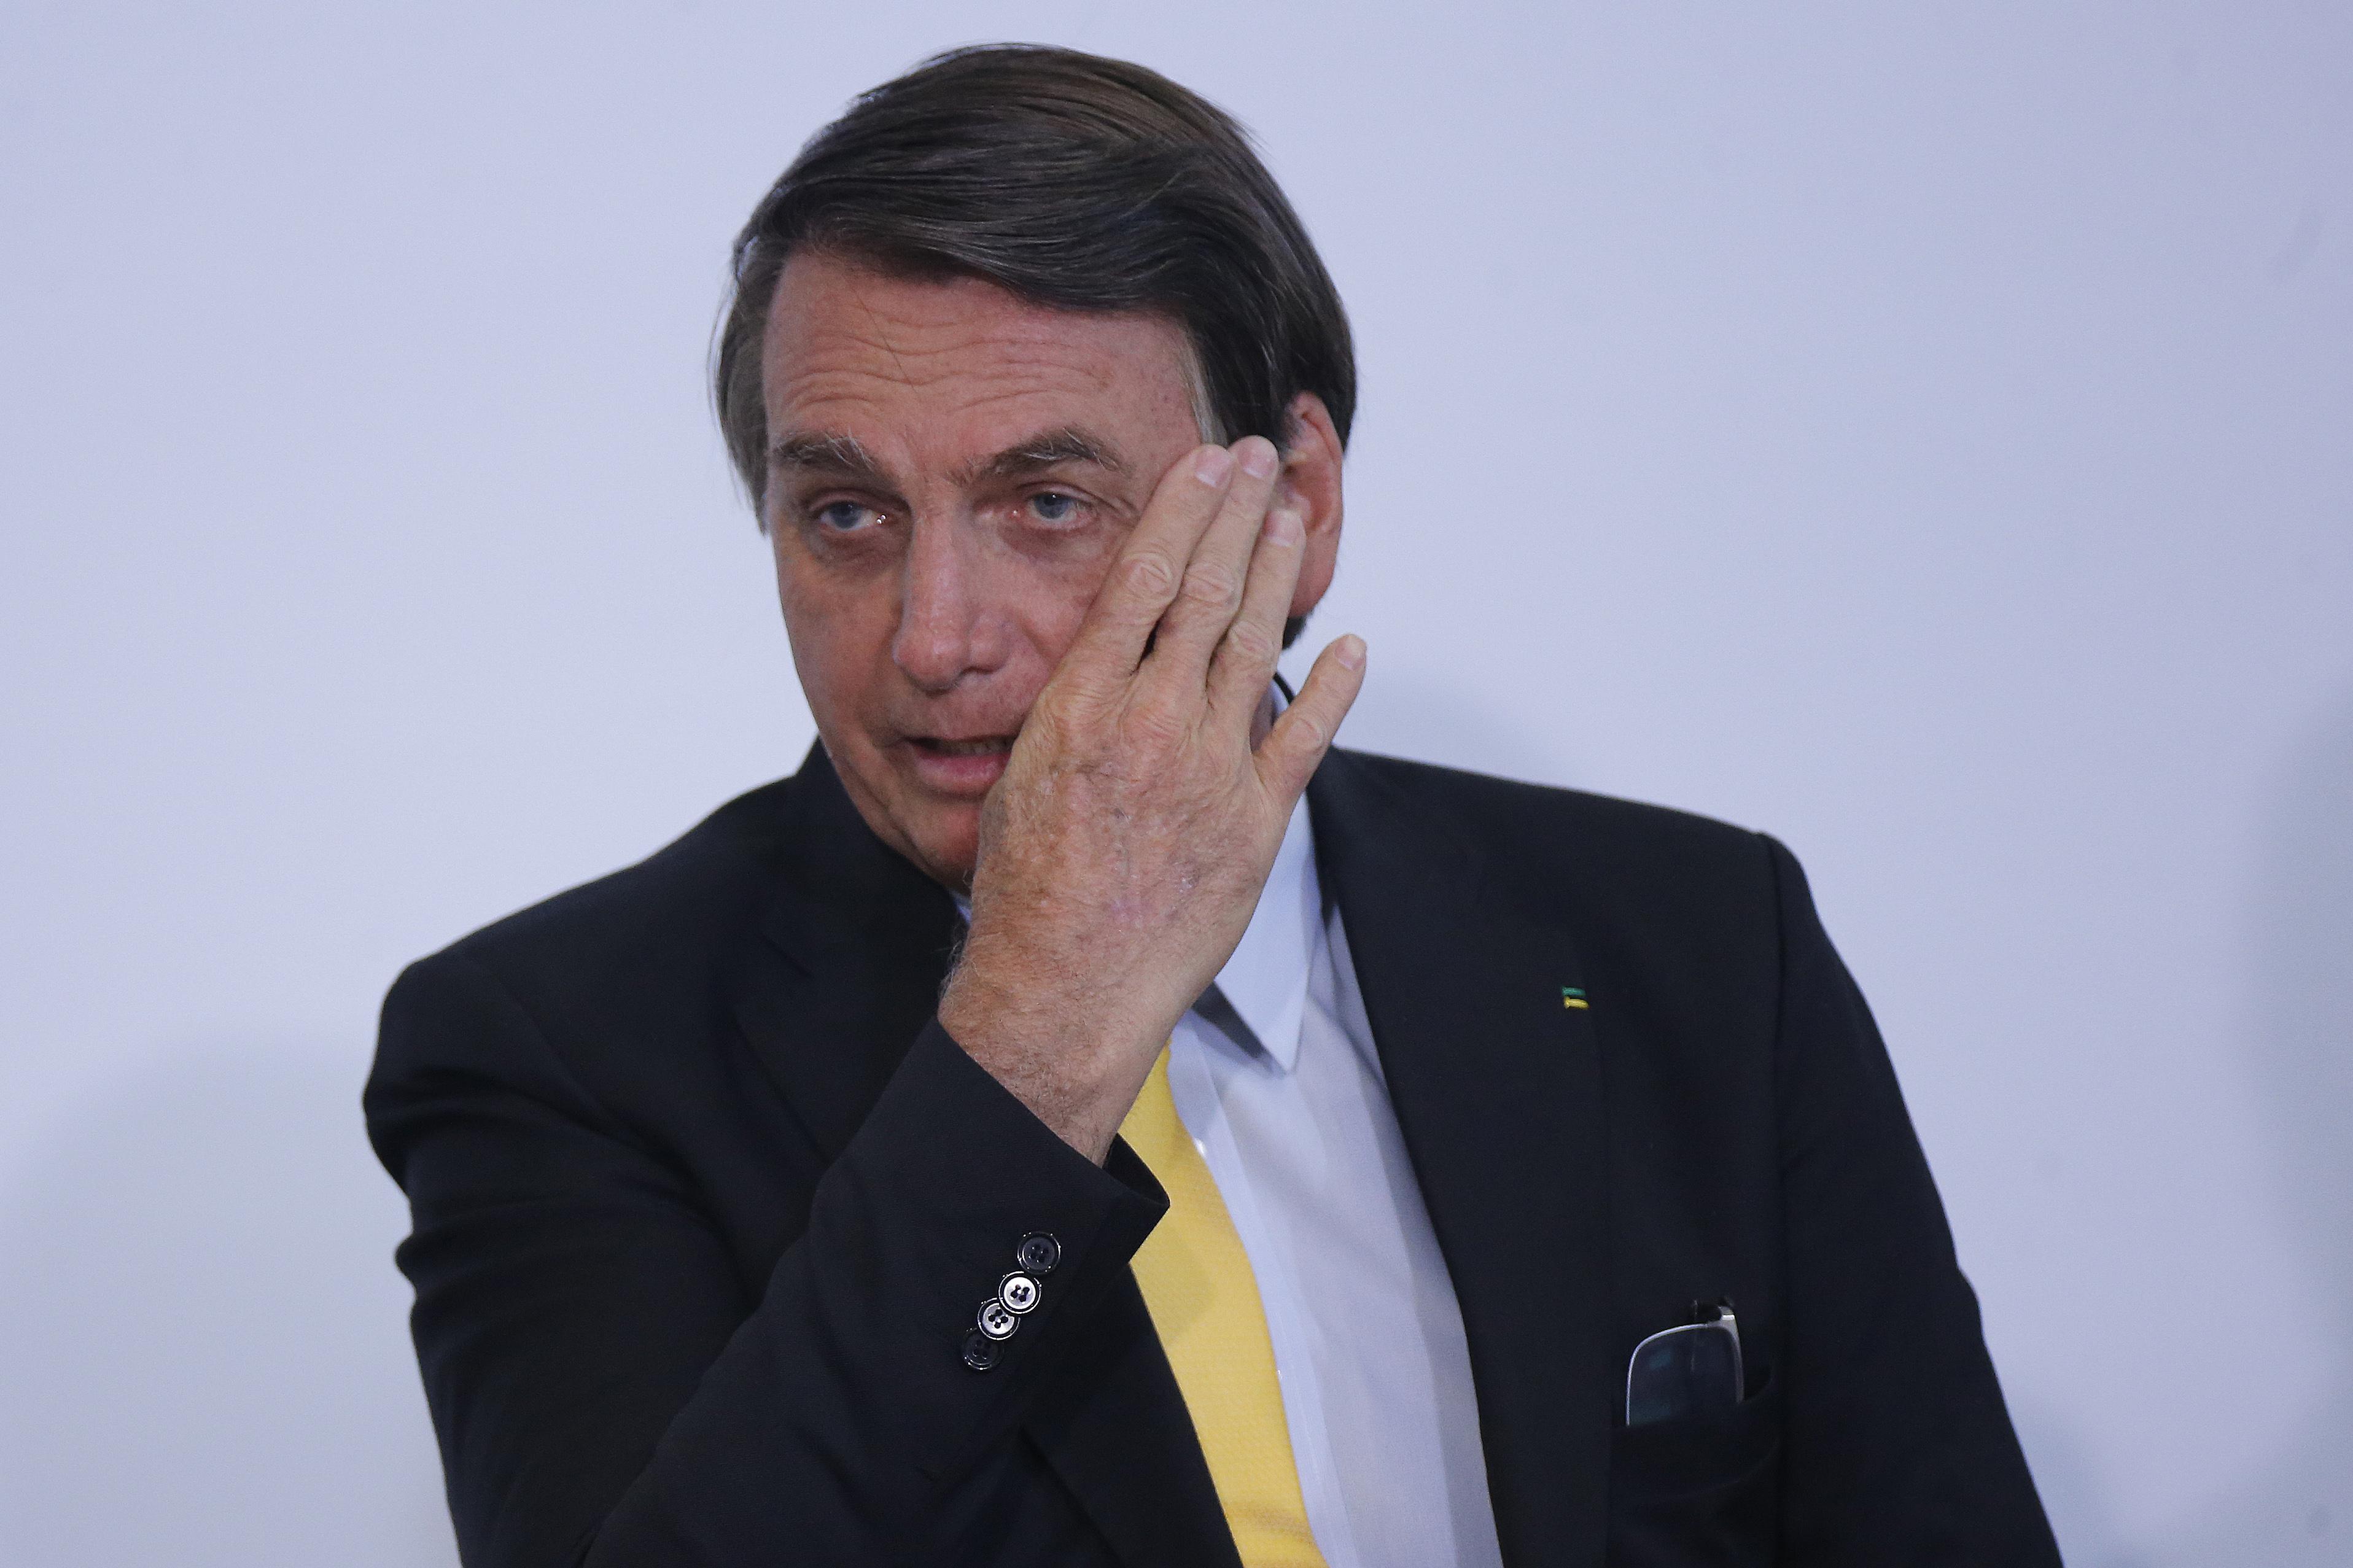 IMAGEM: Bolsonaro é comparado a Ciro Gomes